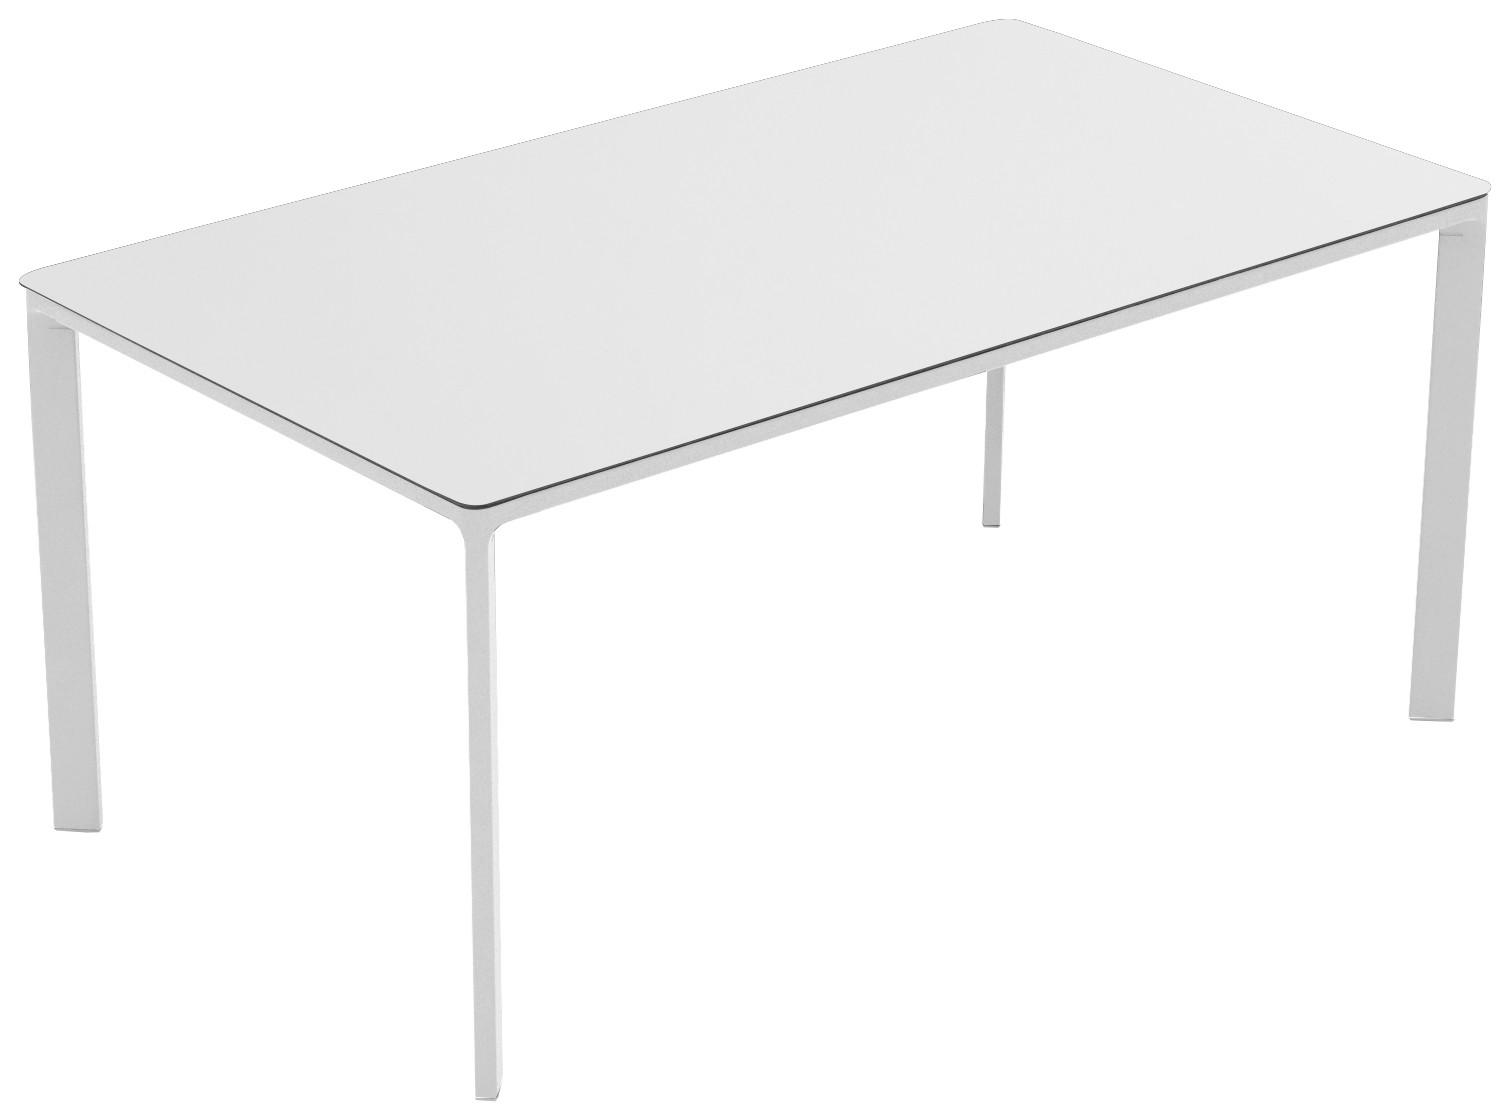 Mesa Ezpeleta  white Blancos white Aluminio lacado 160x90